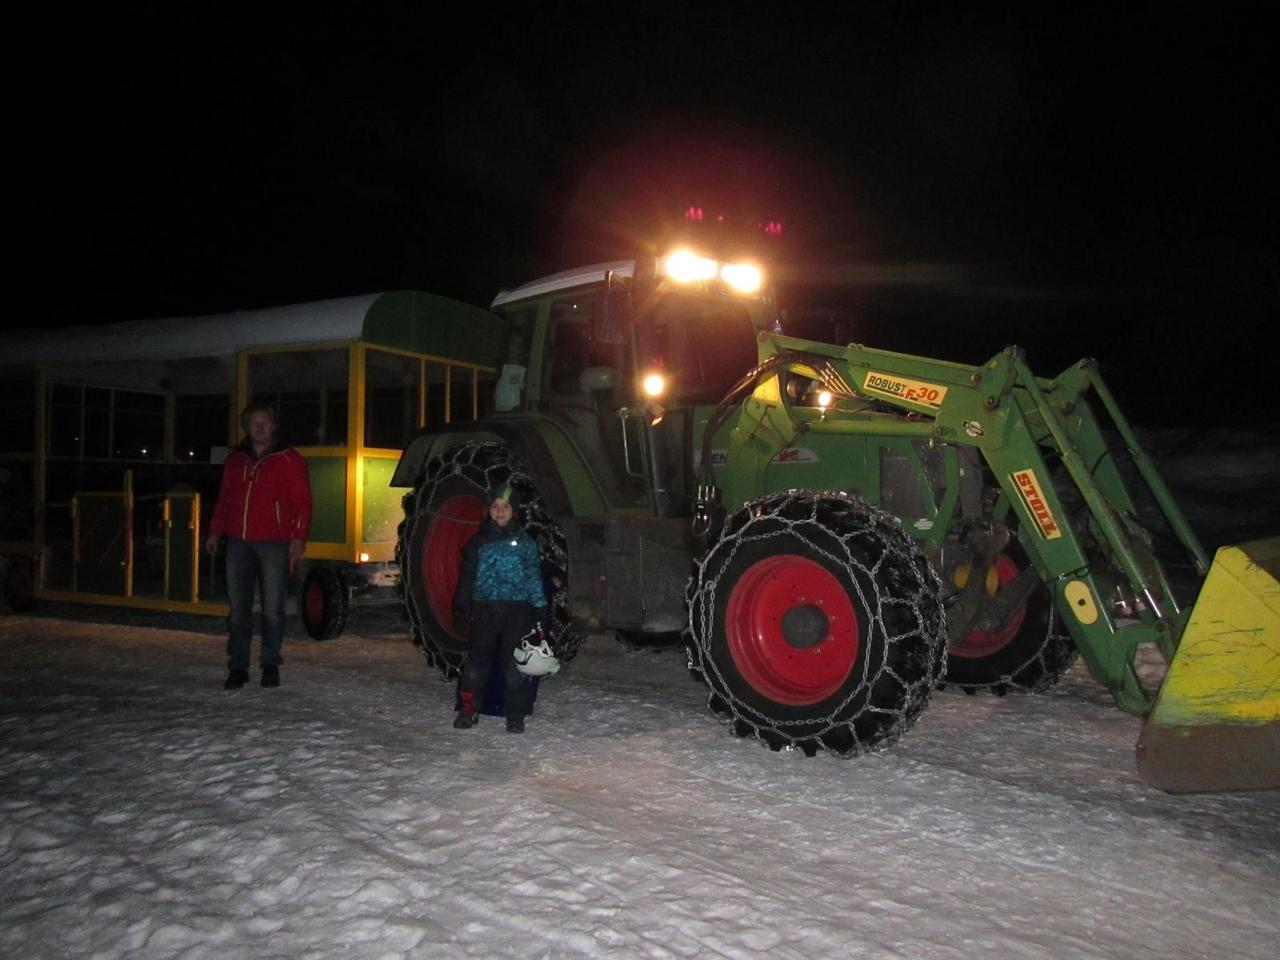 schneeschuhwandernrodelnkrntenstoswaldunterwirthttn-1